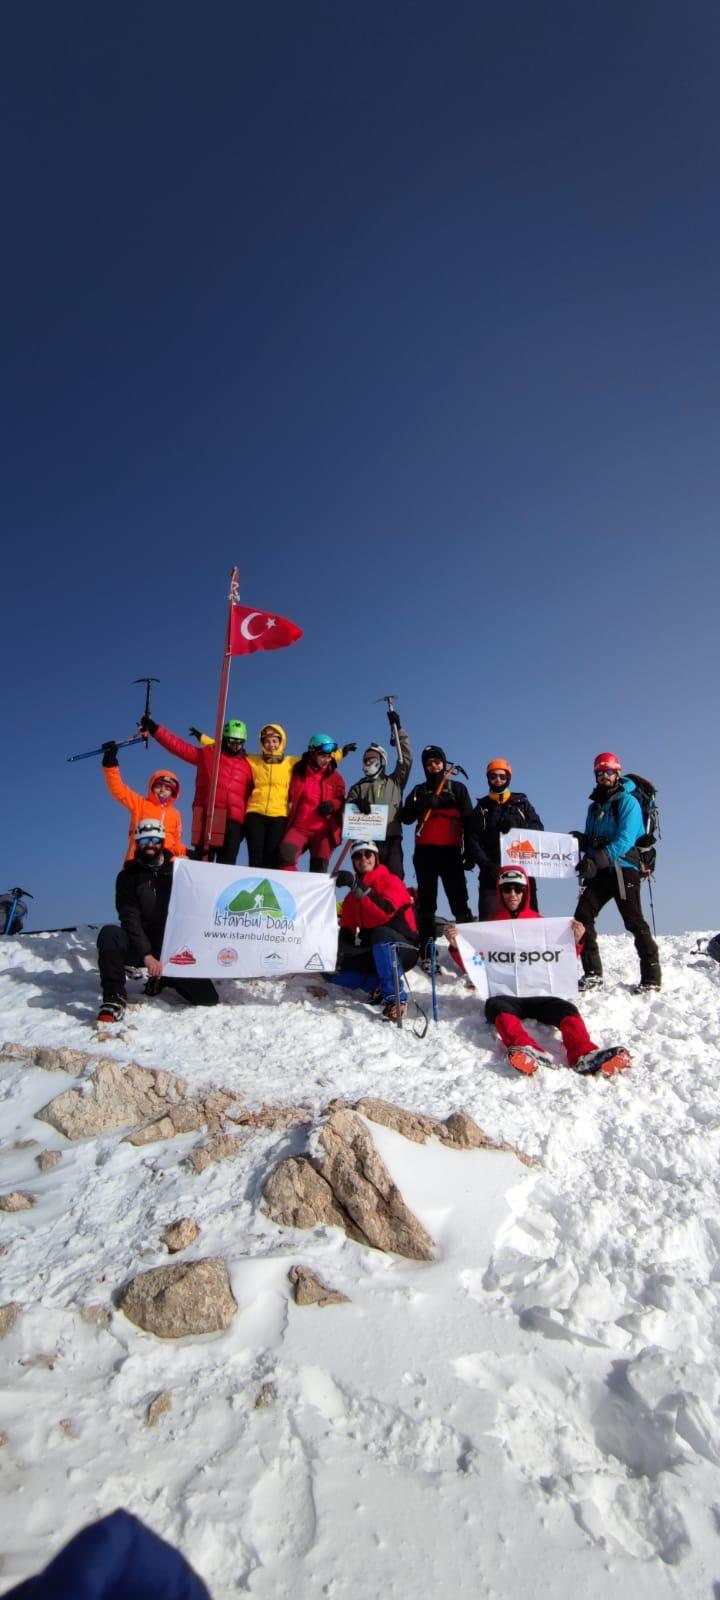 İstanbul Doğa Sporları Kızlarsivrisi Dağı kış tırmanışını gerçekleştirdi.